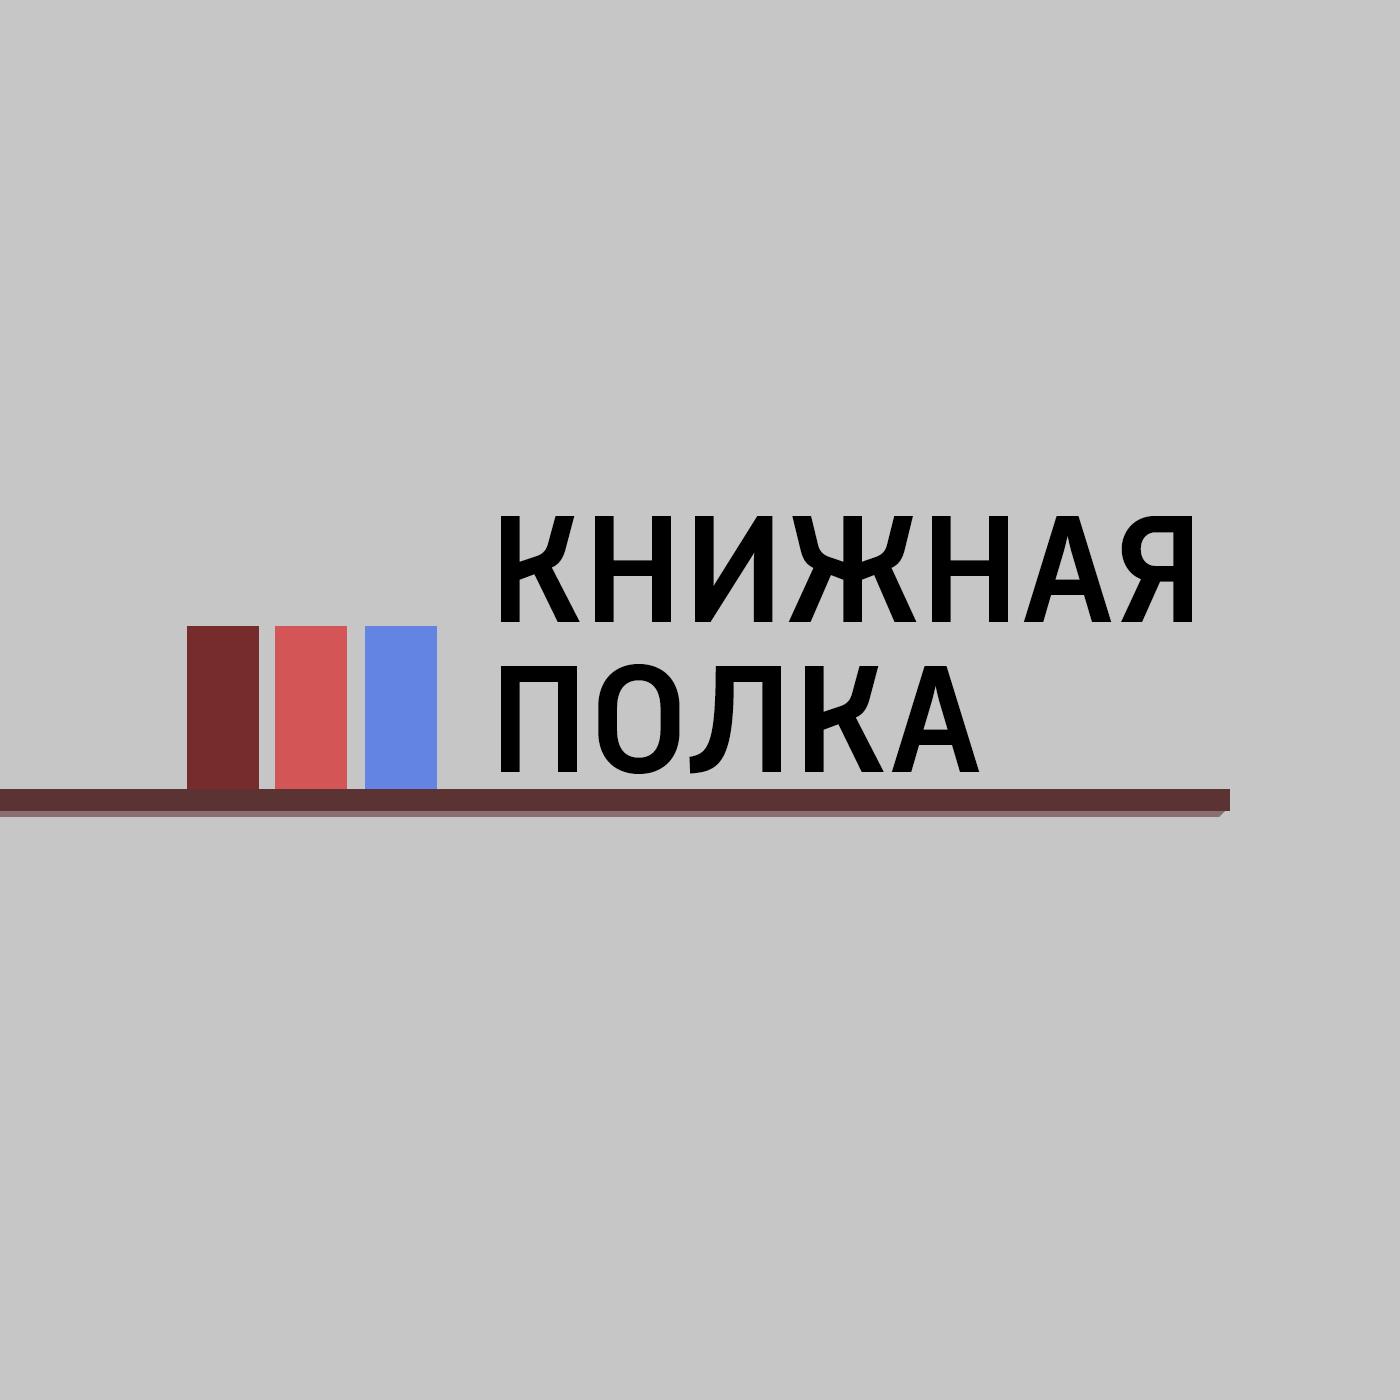 Маргарита Митрофанова Детективы и триллеры шаттам максим максим шаттам в твоем кармане лабиринты хаоса